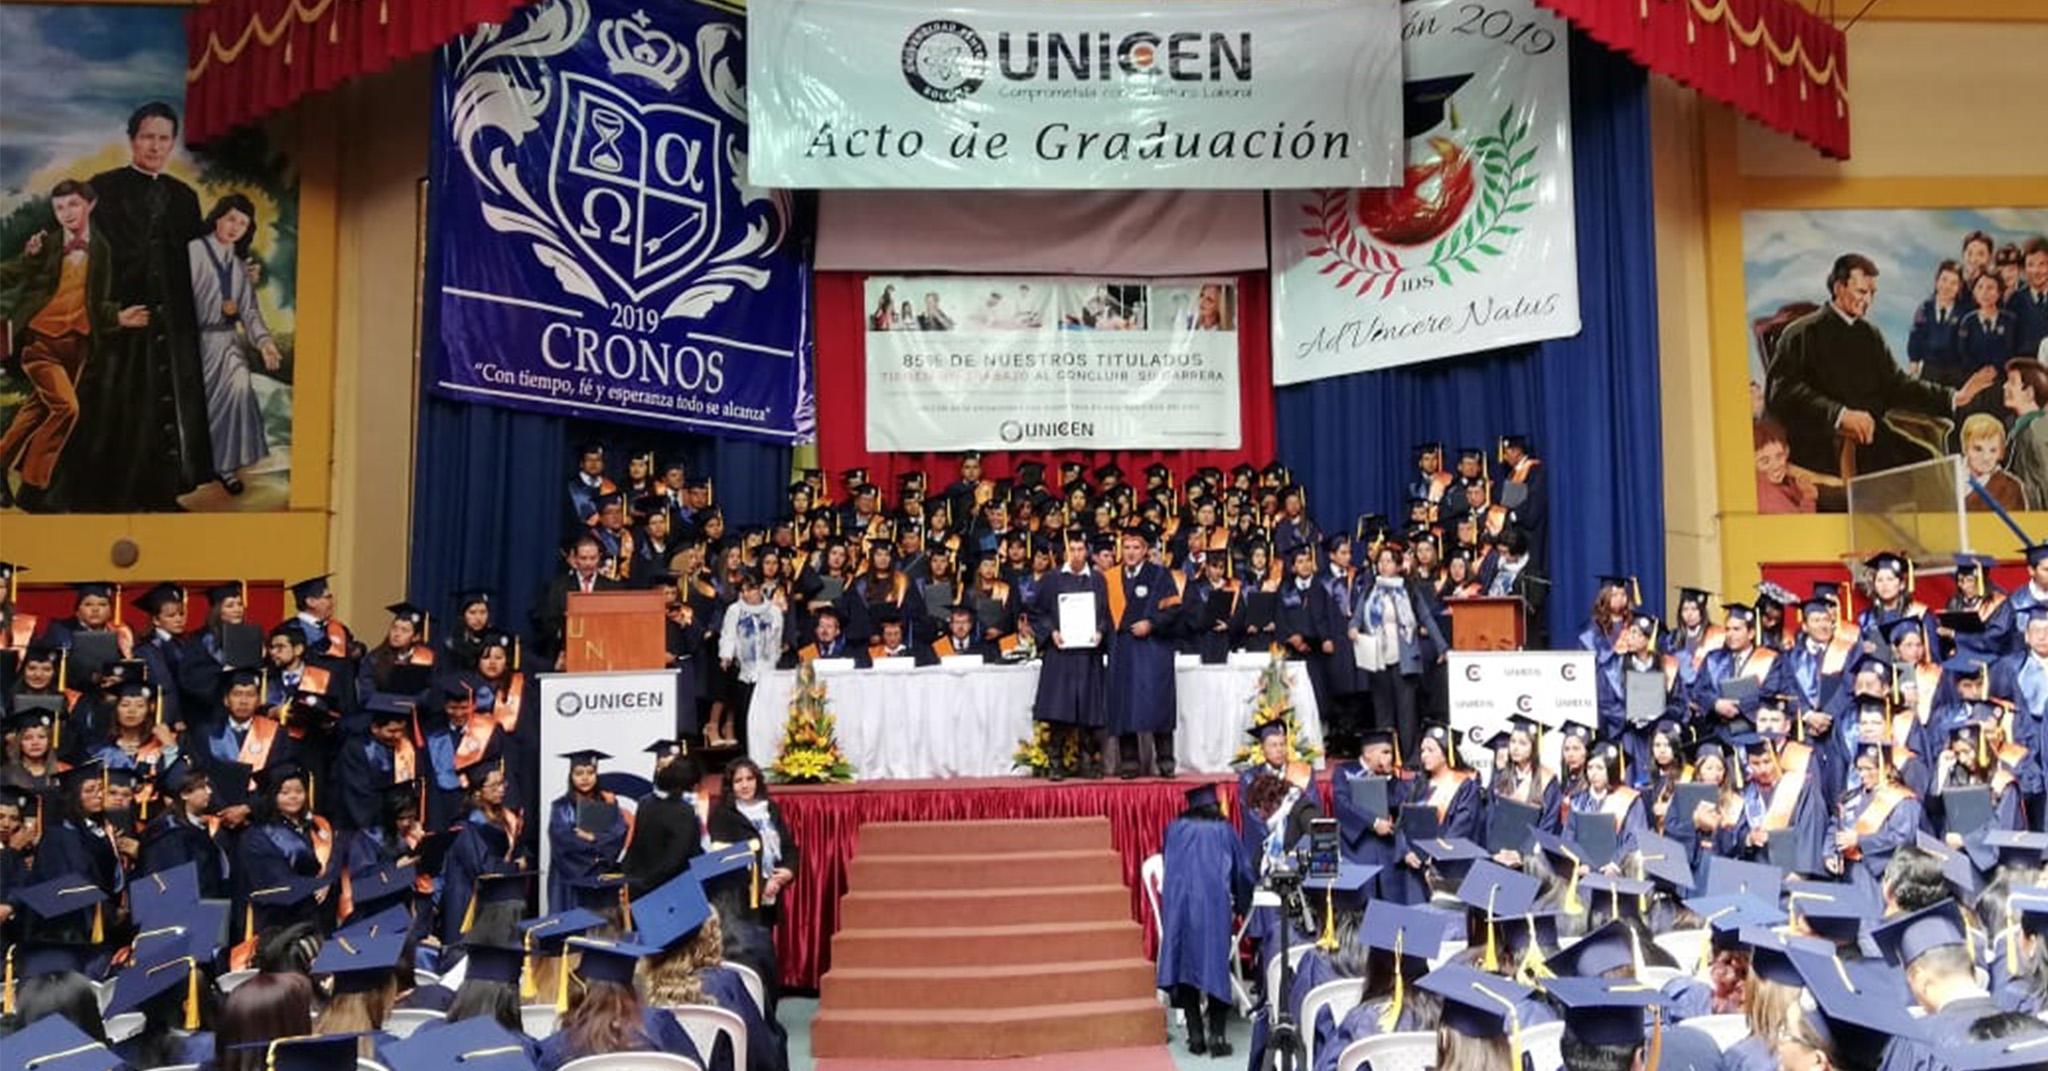 CON MUCHA SATISFACCIÓN MÁS DE 500 ESTUDIANTES EGRESARON Y SE GRADUARON DE UNICEN